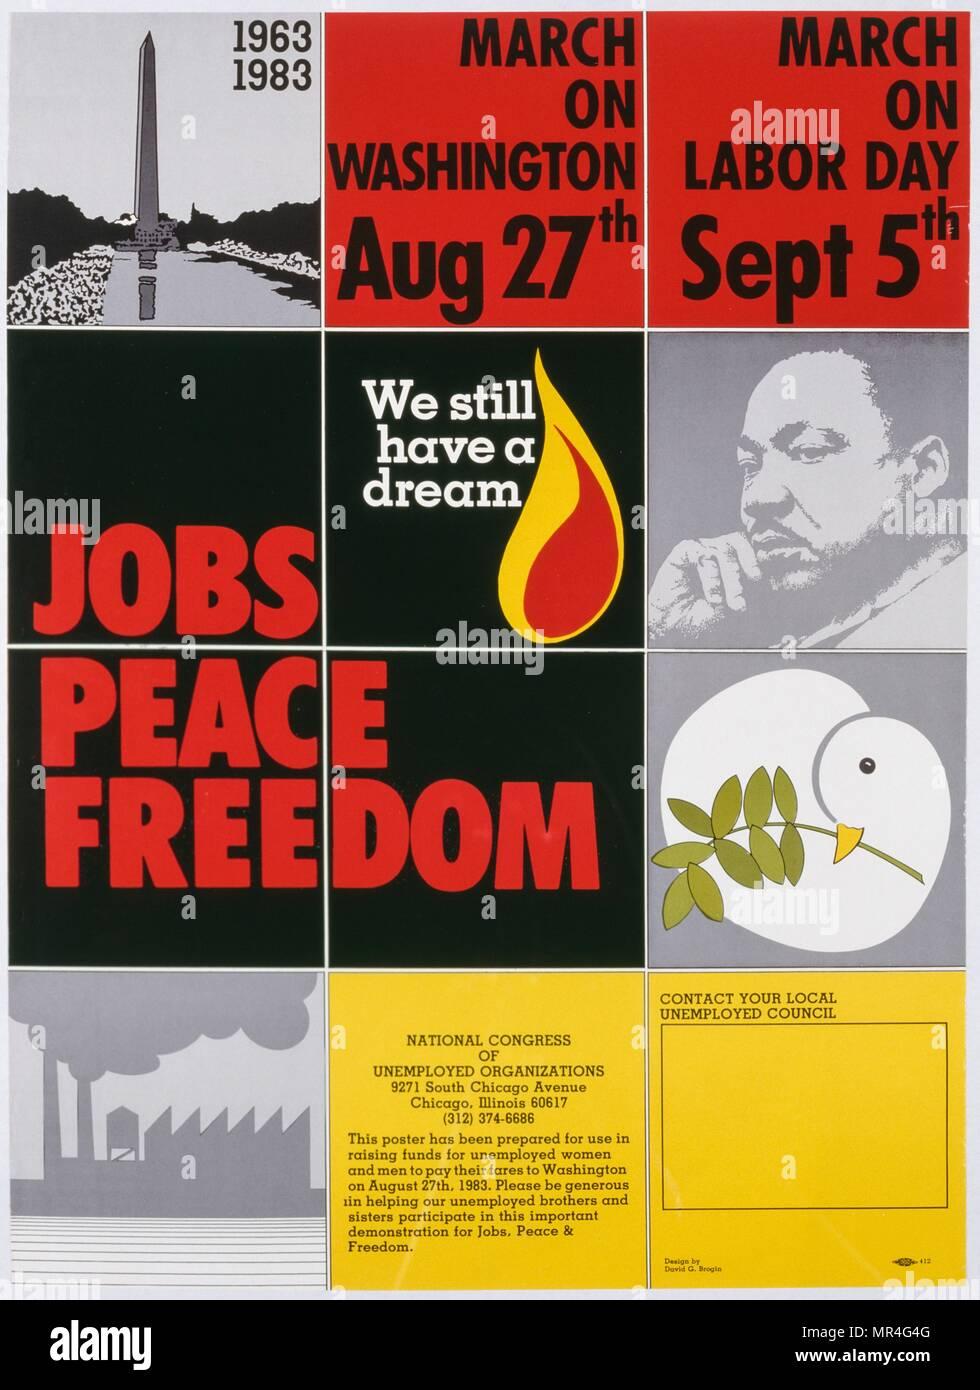 """American anti-guerra, anti-desempleo cartel en una marcha en Washington para 'Trabajos y Paz"""" de 1983. Publicado durante la guerra fría Imagen De Stock"""